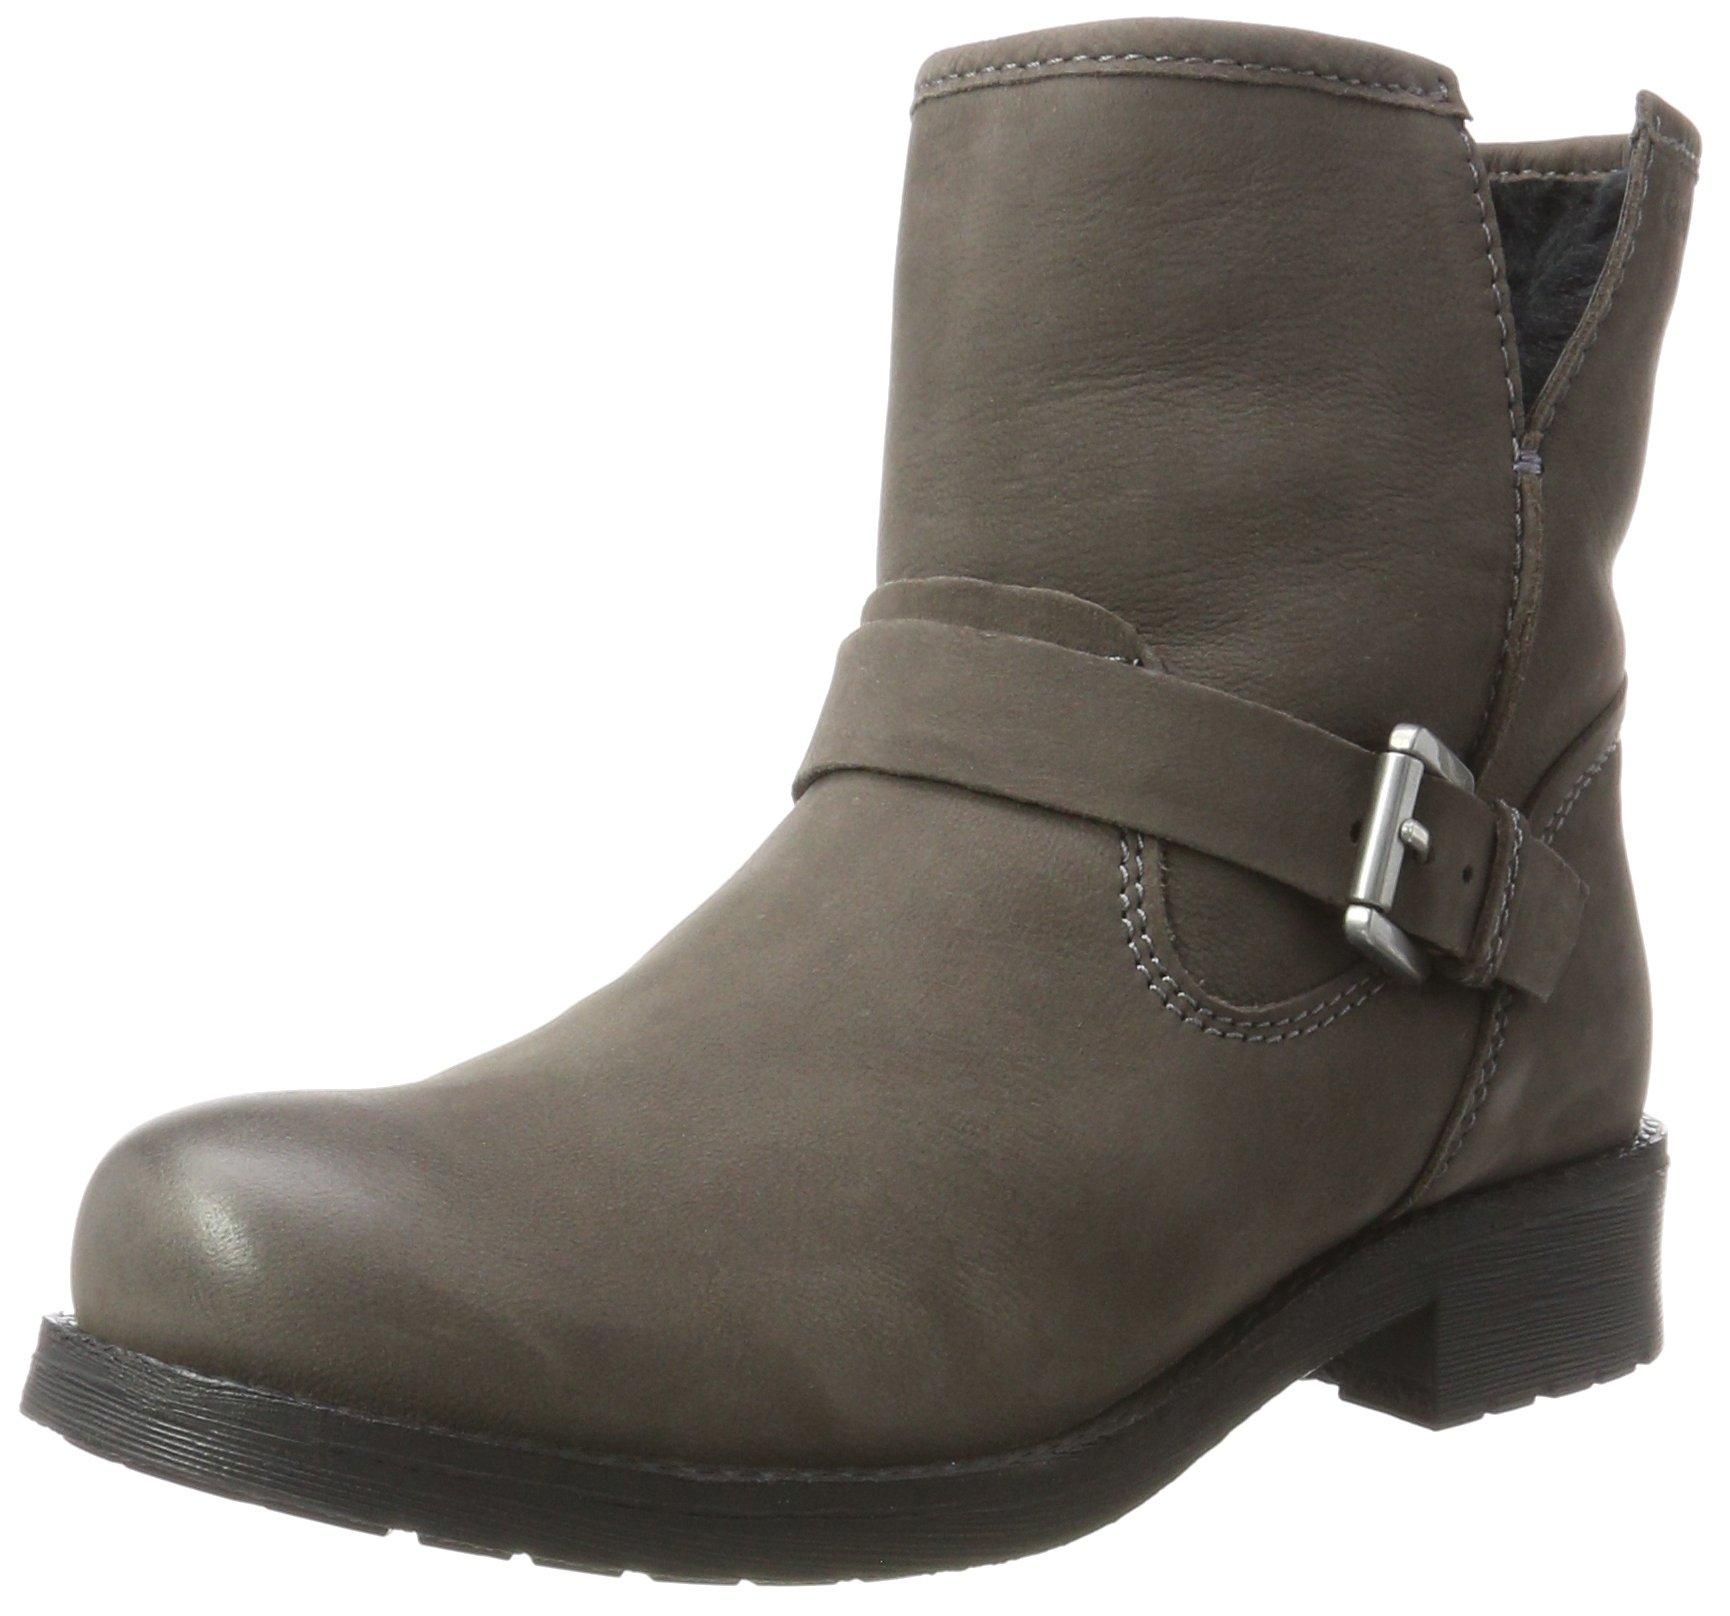 Geox D Inspiration A Damen Kurzschaft Stiefel  42 EUSchwarz (C9999black)